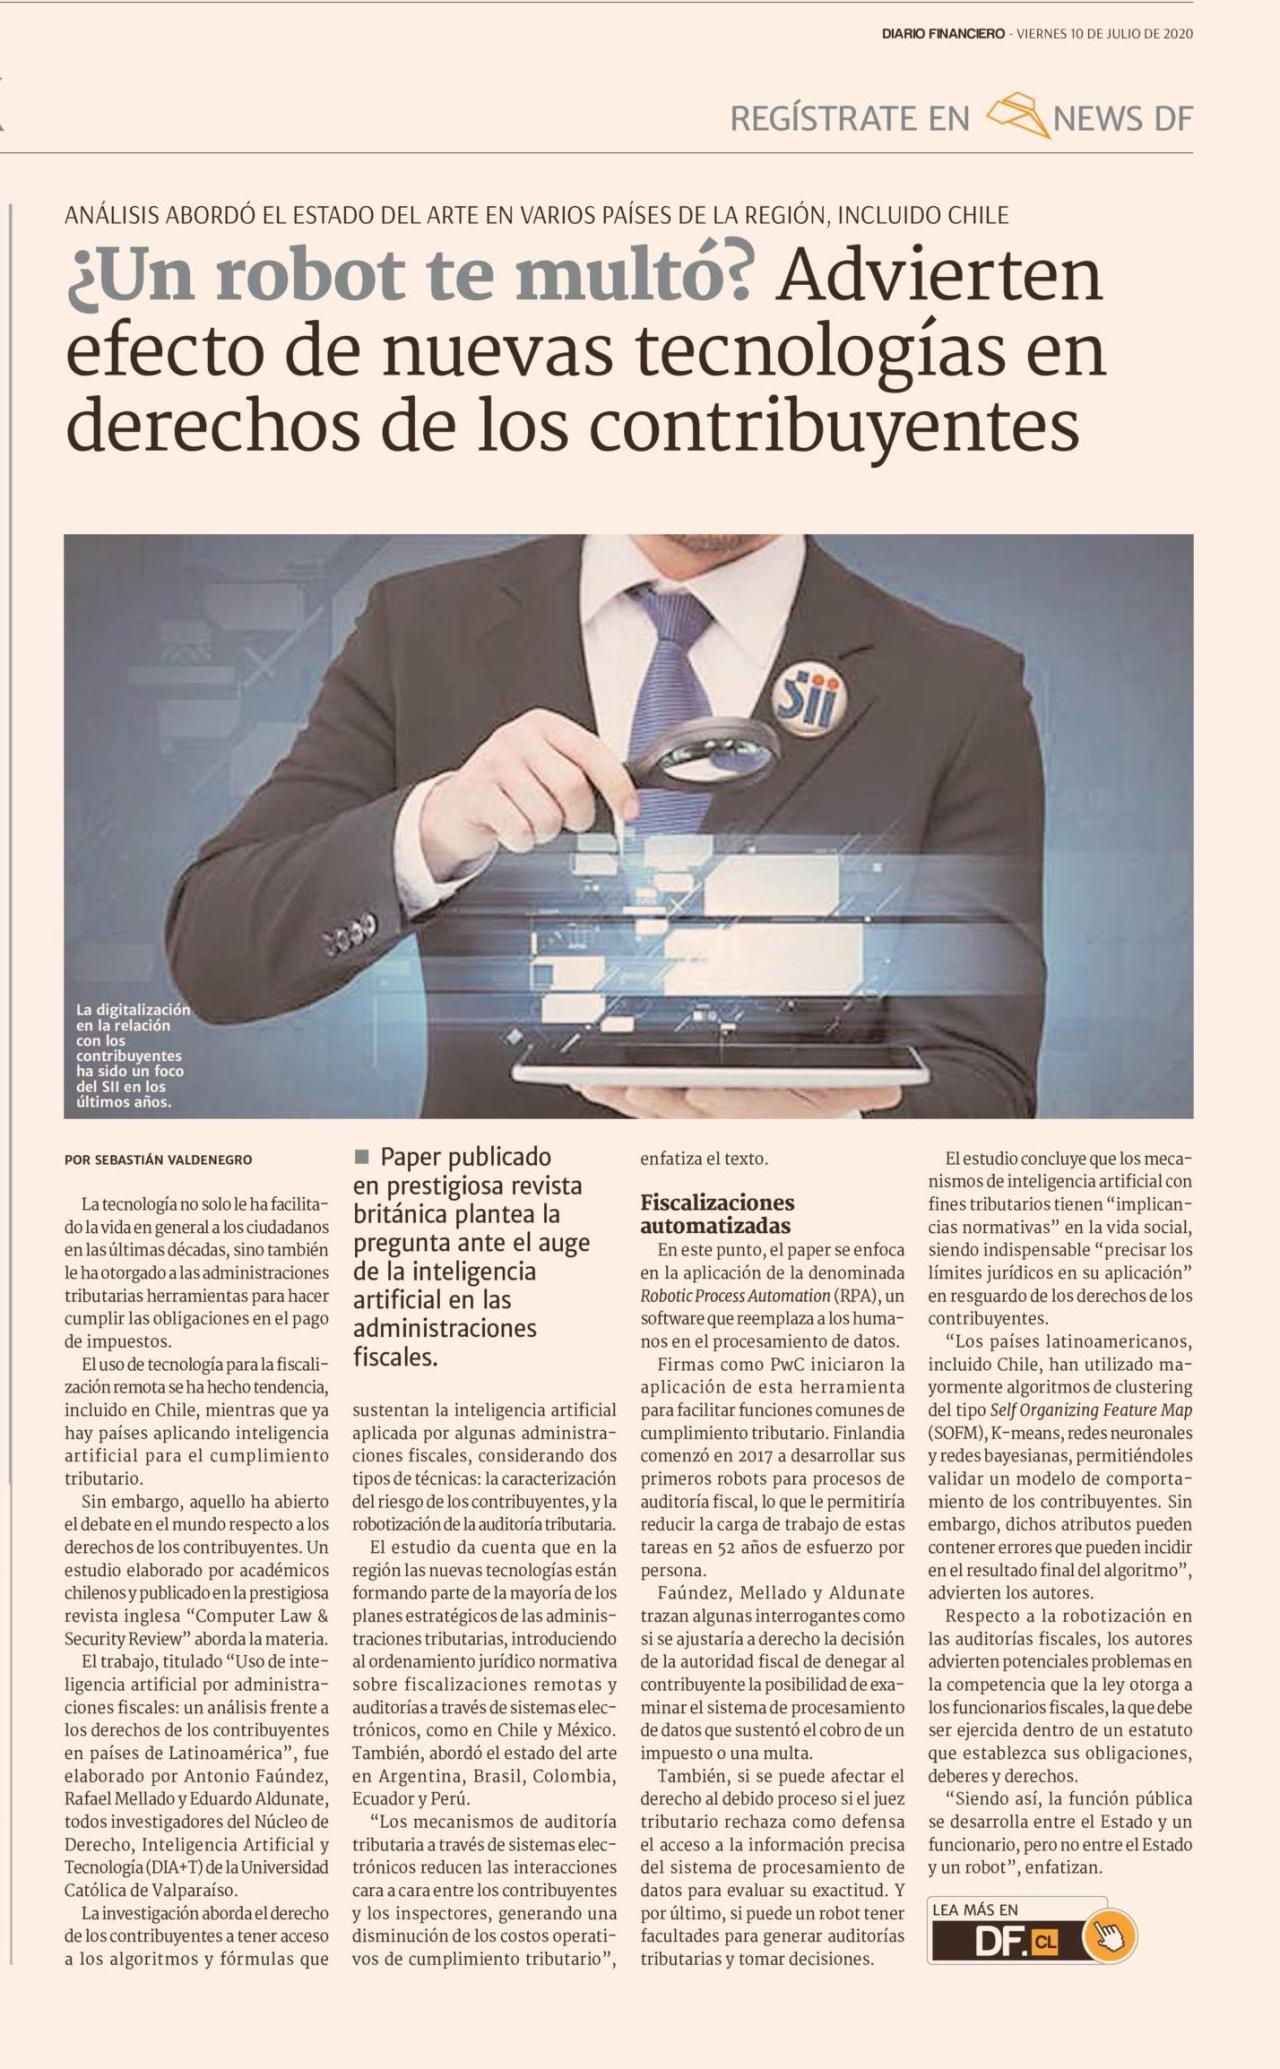 Nota Diario Financiero - 10 de julio del 2020